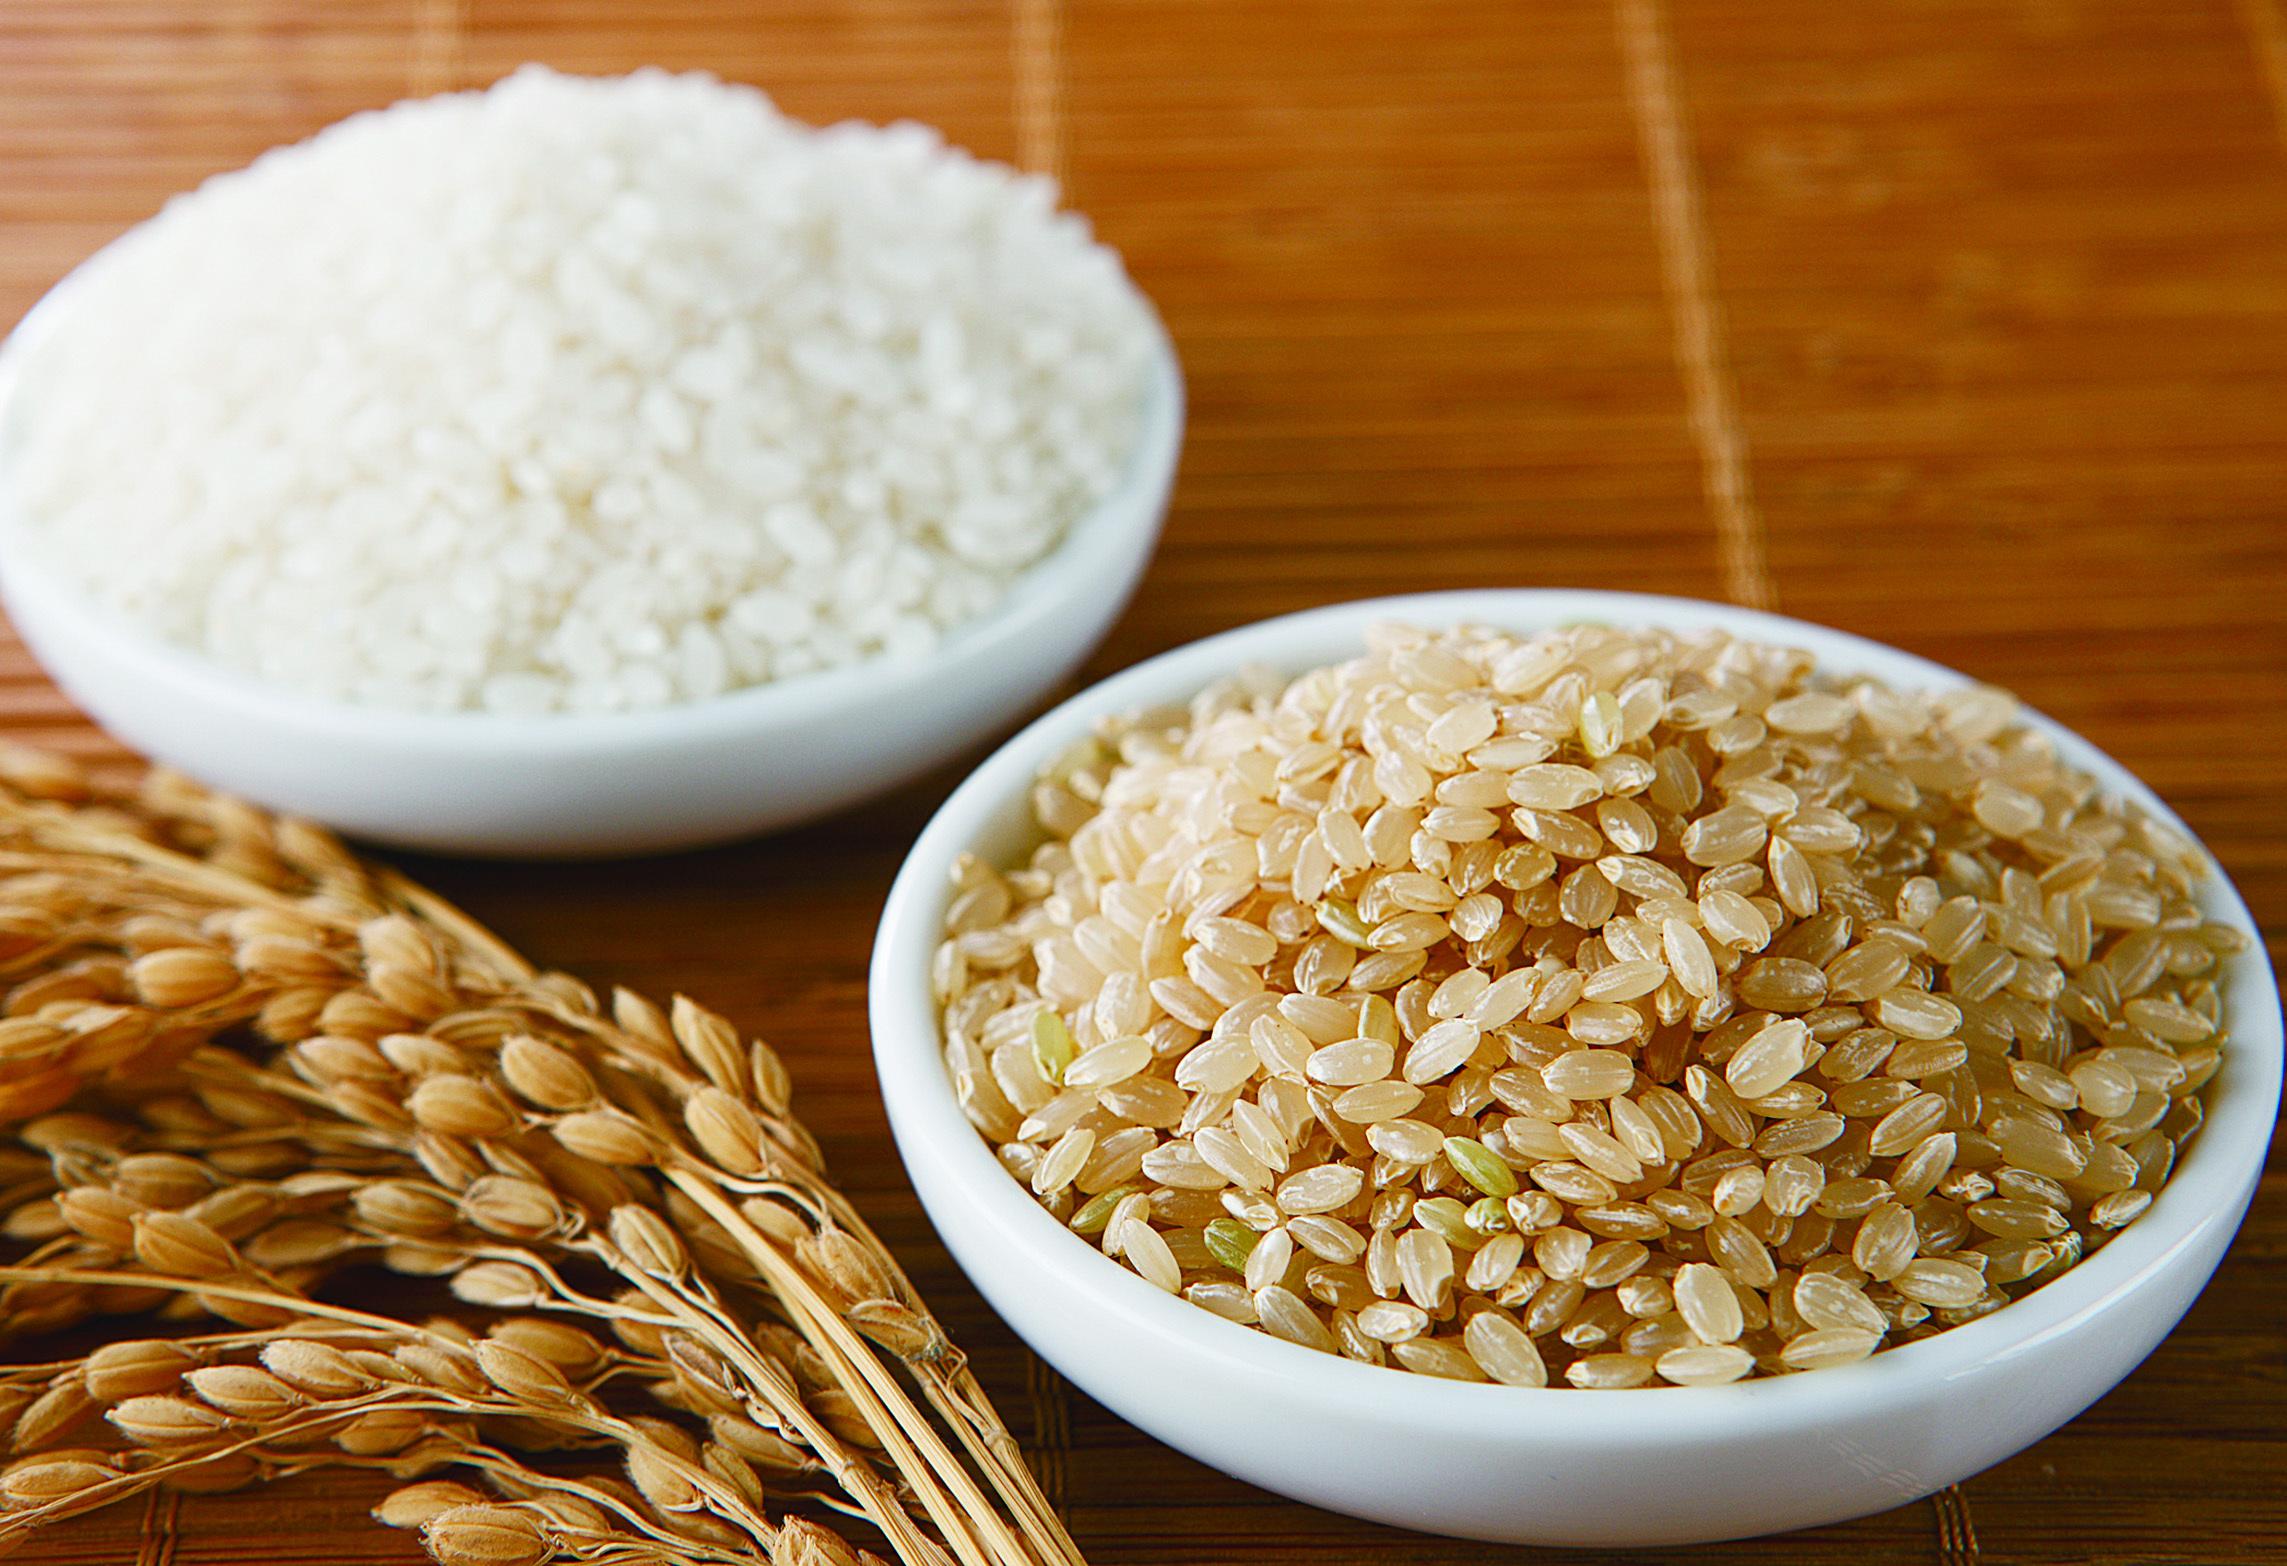 日本的飲食文化 醫食同源在日本 玄米藏玄機  白米實為粕